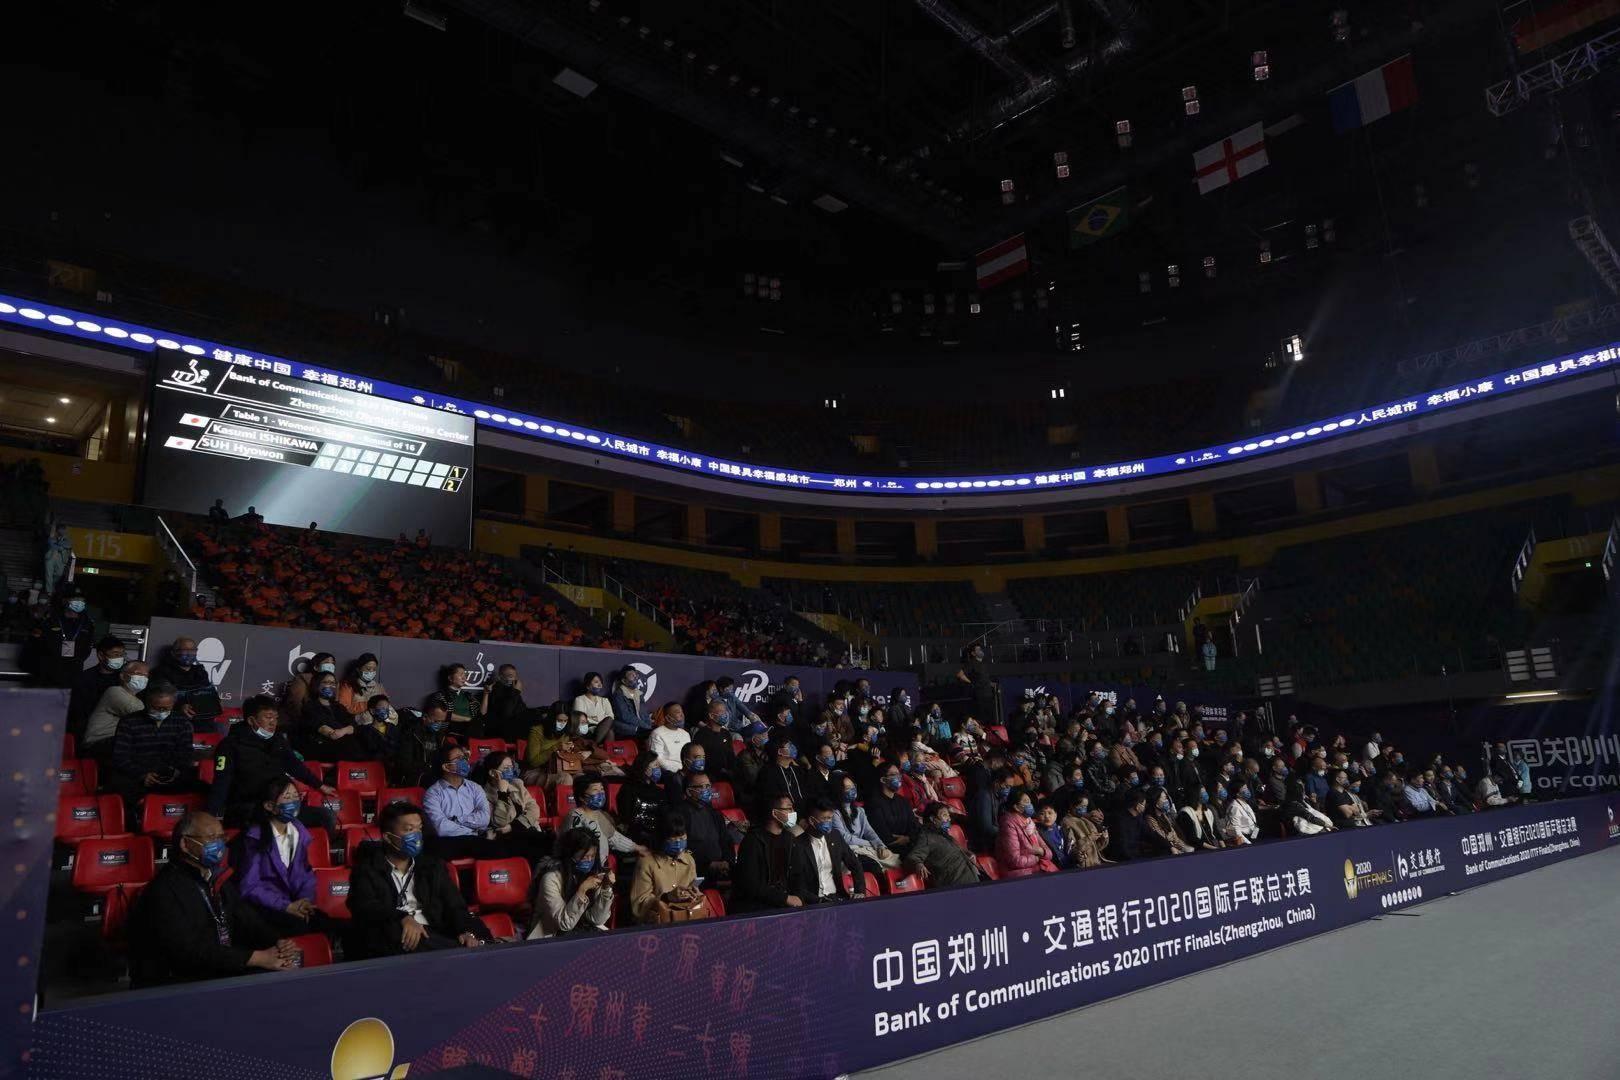 观众回归赛场 国际乒联官员:我们回来了